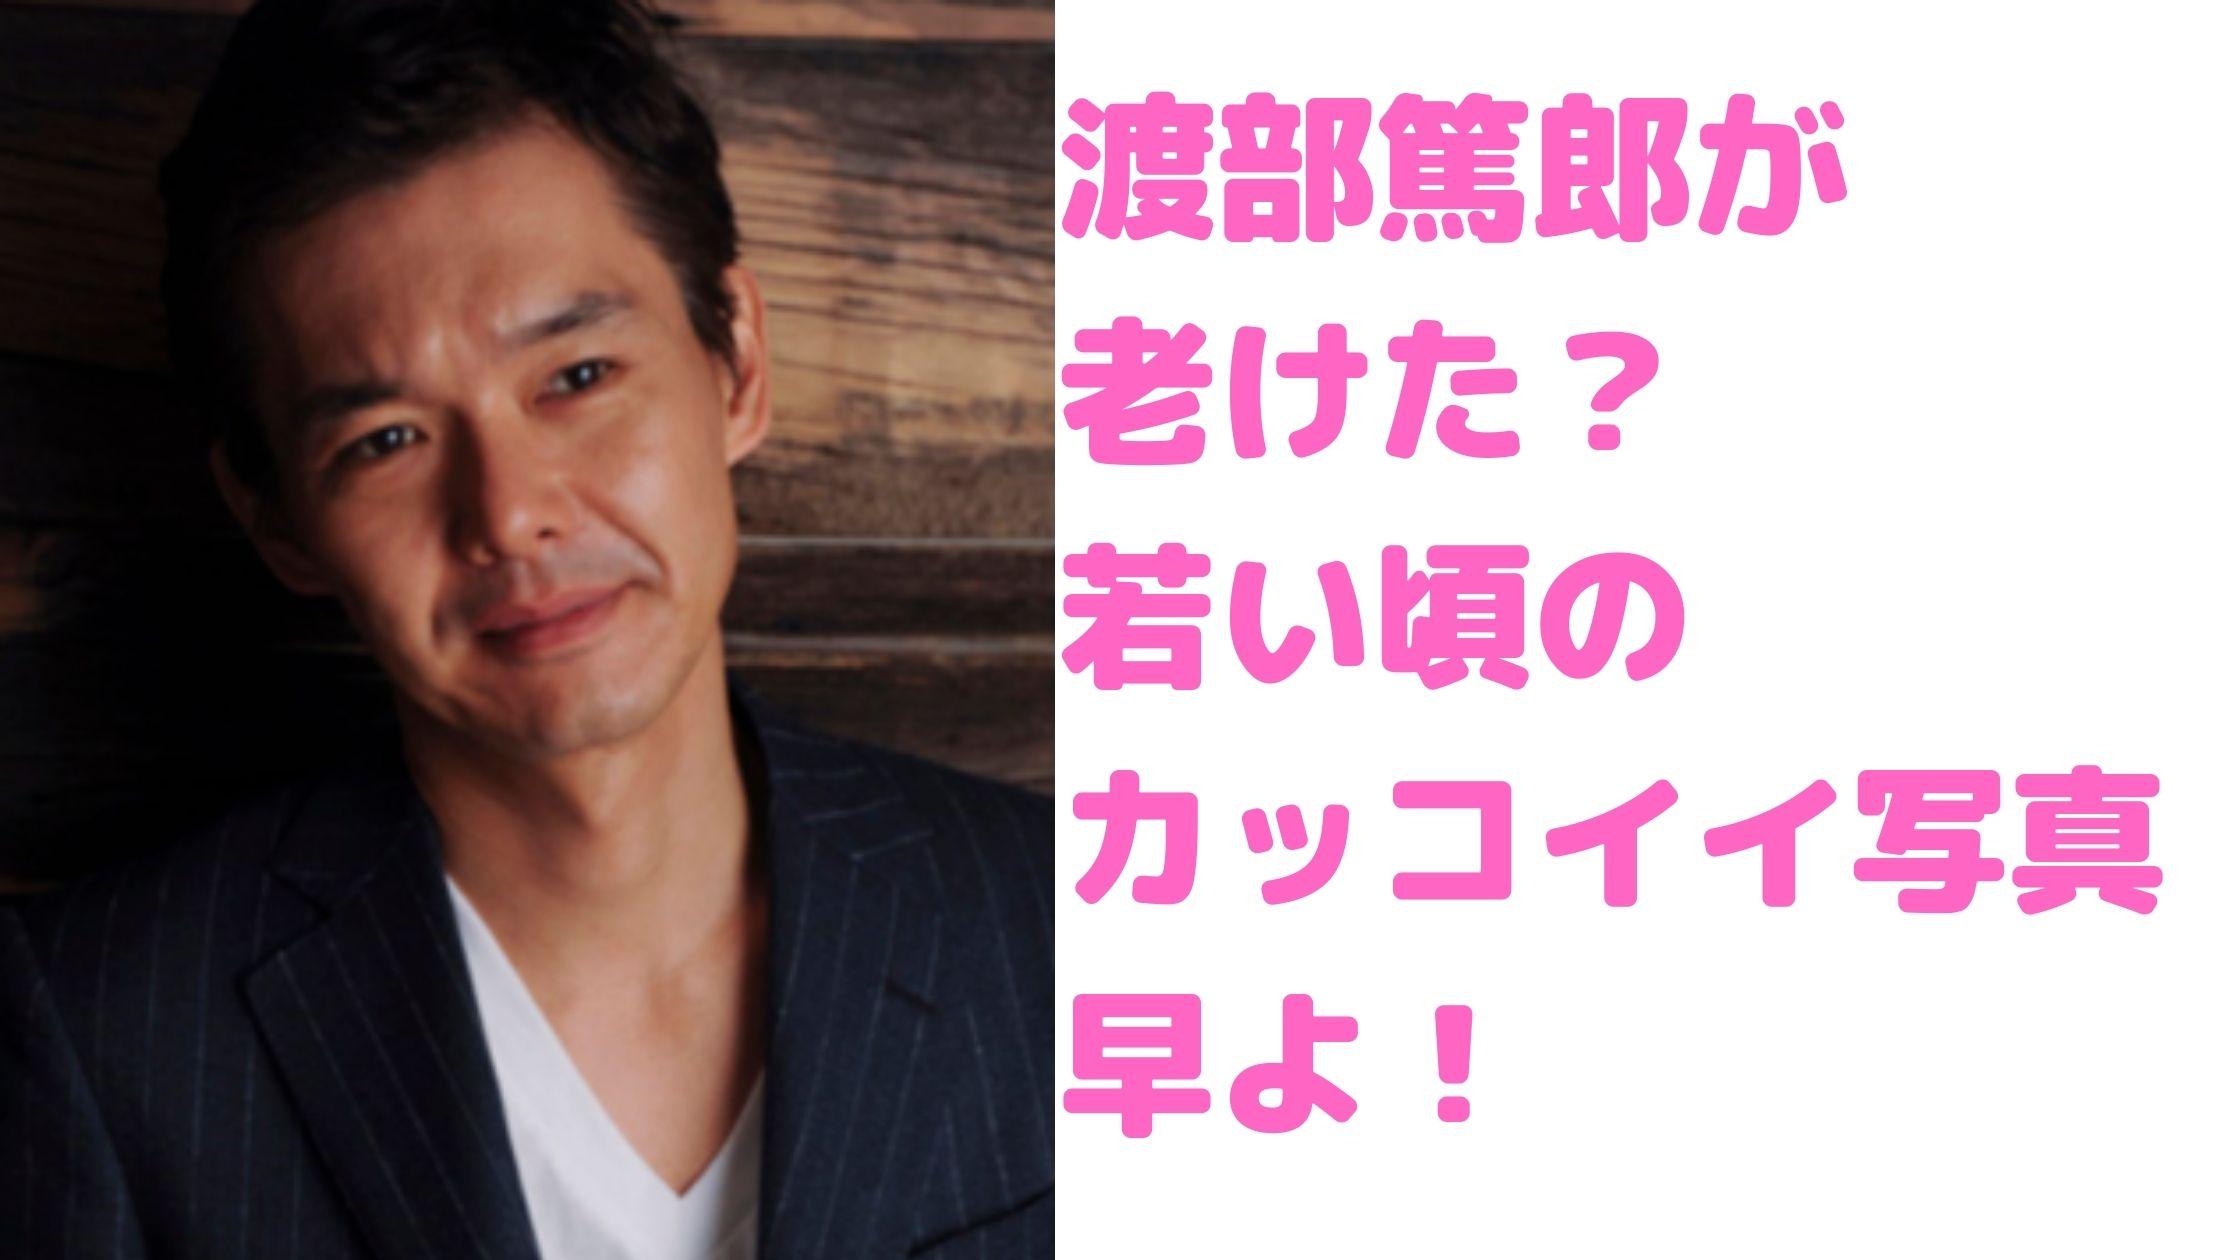 篤郎 嫁 渡部 渡部篤郎の再婚した嫁や子供は何人か、若い頃や来いよのネタ元や経歴